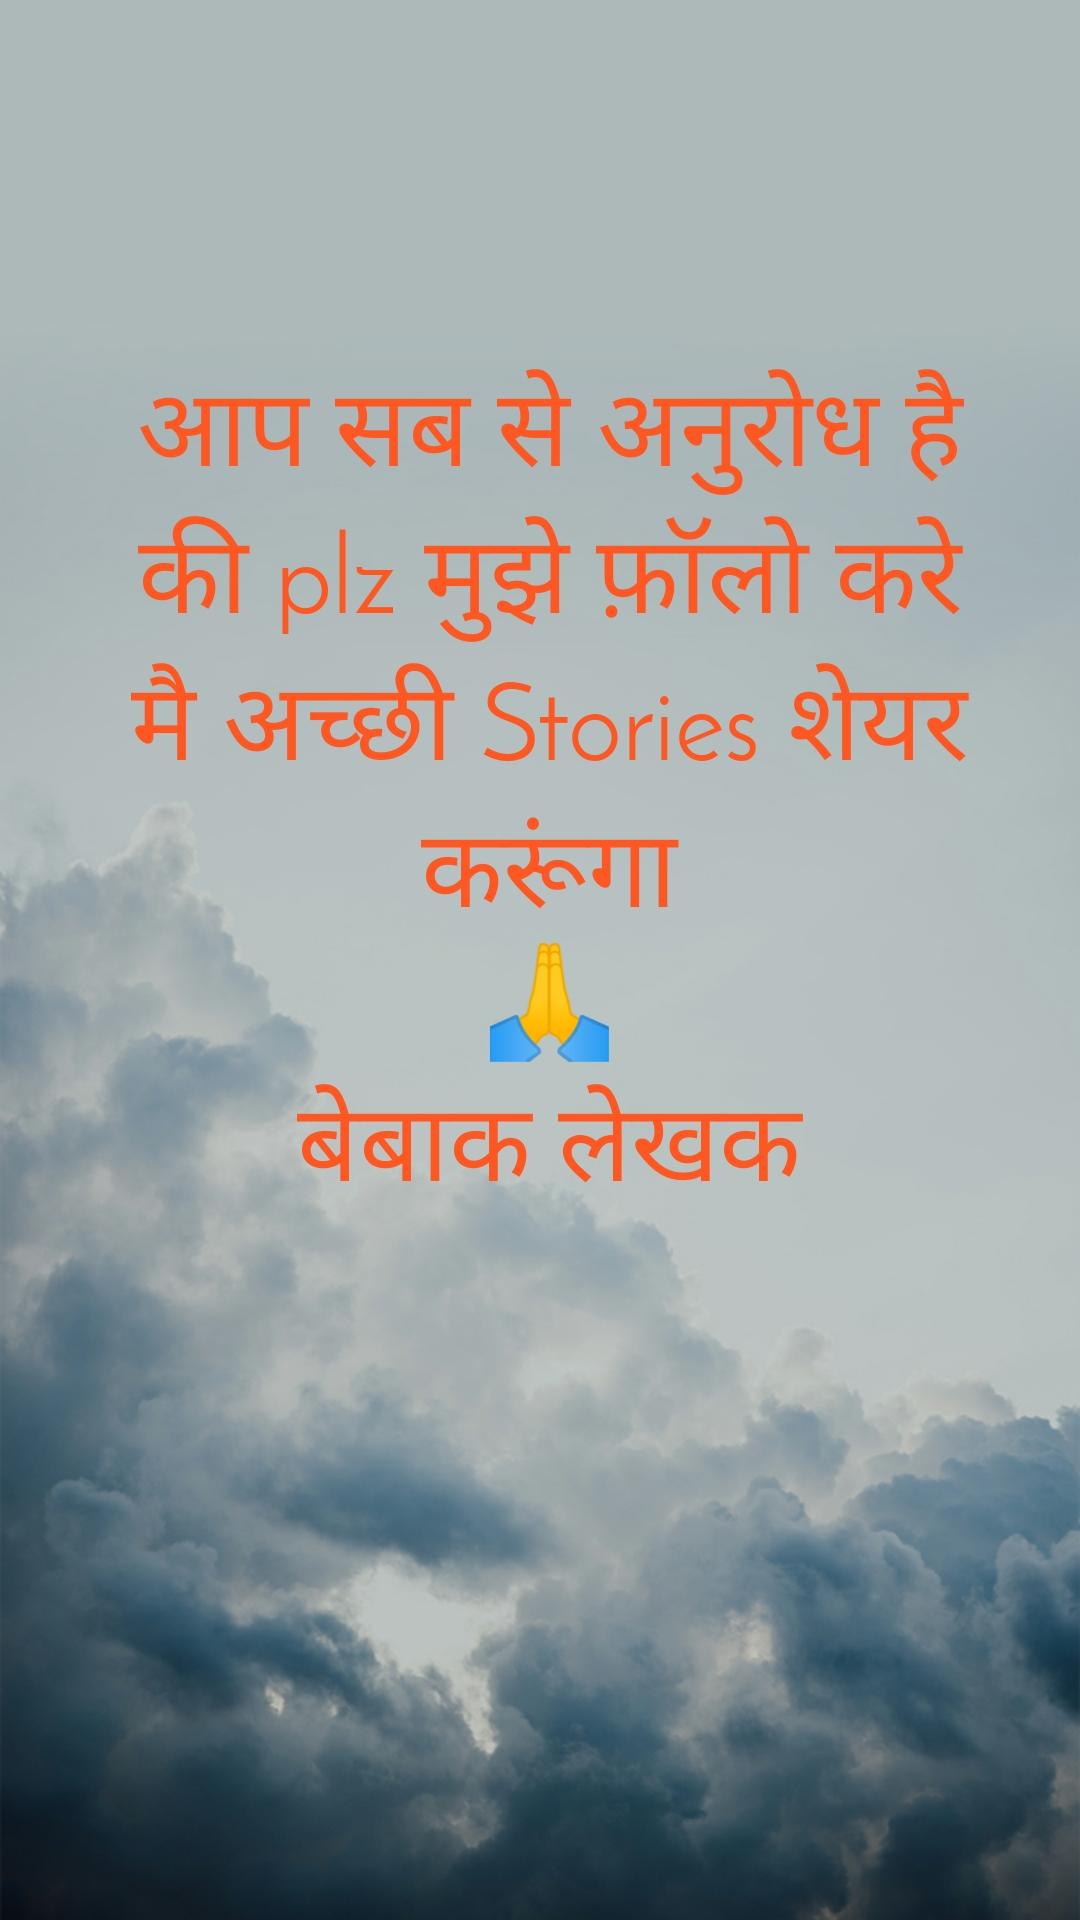 आप सब से अनुरोध है की plz मुझे फ़ॉलो करे मै अच्छी Stories शेयर करूंगा 🙏 बेबाक लेखक